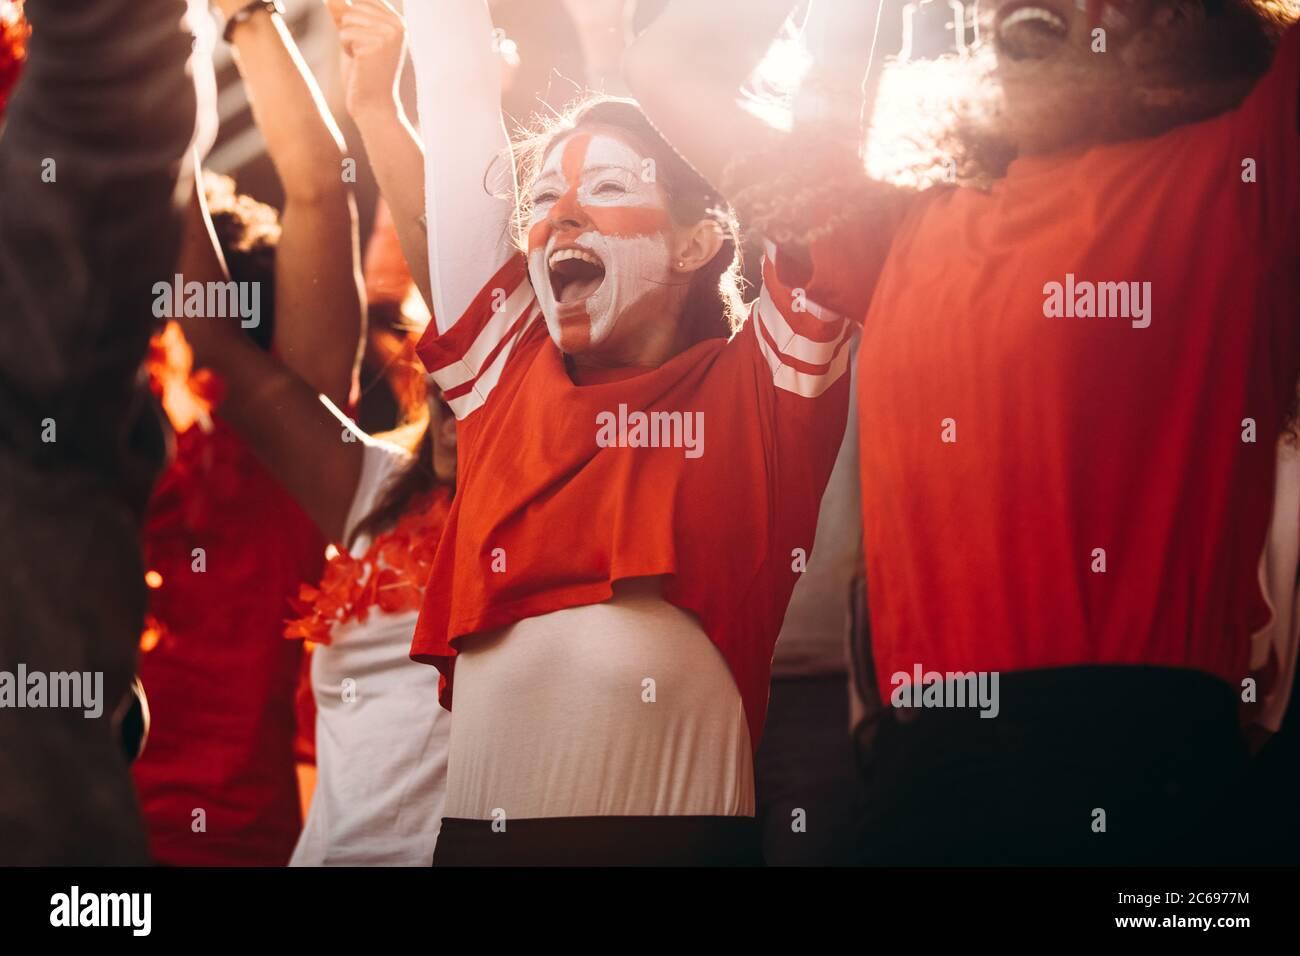 Begeisterte England Fußballfans feiern in Tribünen. Englische Fußballfans jubeln über ein Tor im Stadion. Stockfoto